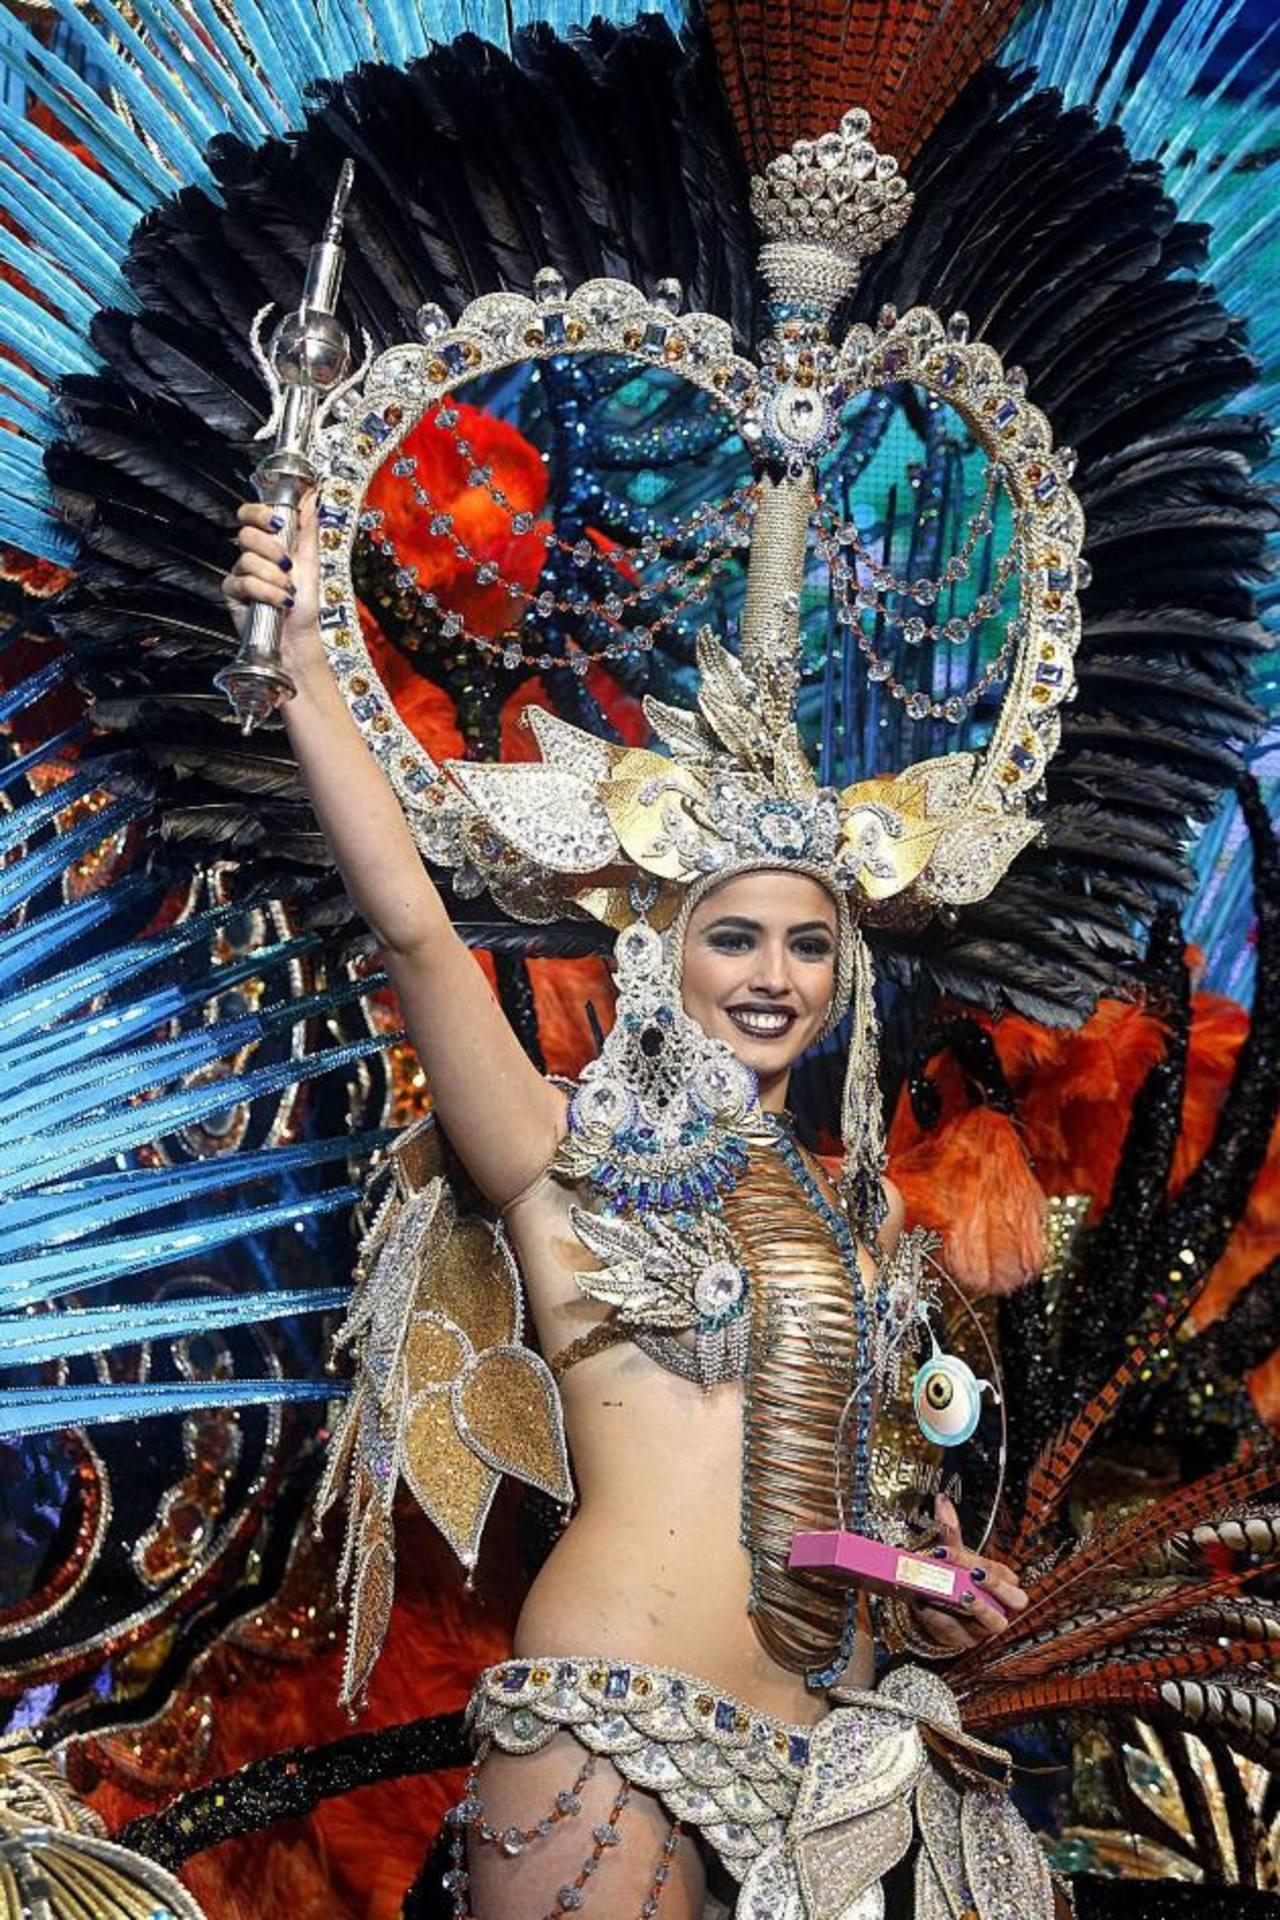 Comienzan Los Mejores Carnavales Del Mundo Elsalvadorcom - Carnavales-del-mundo